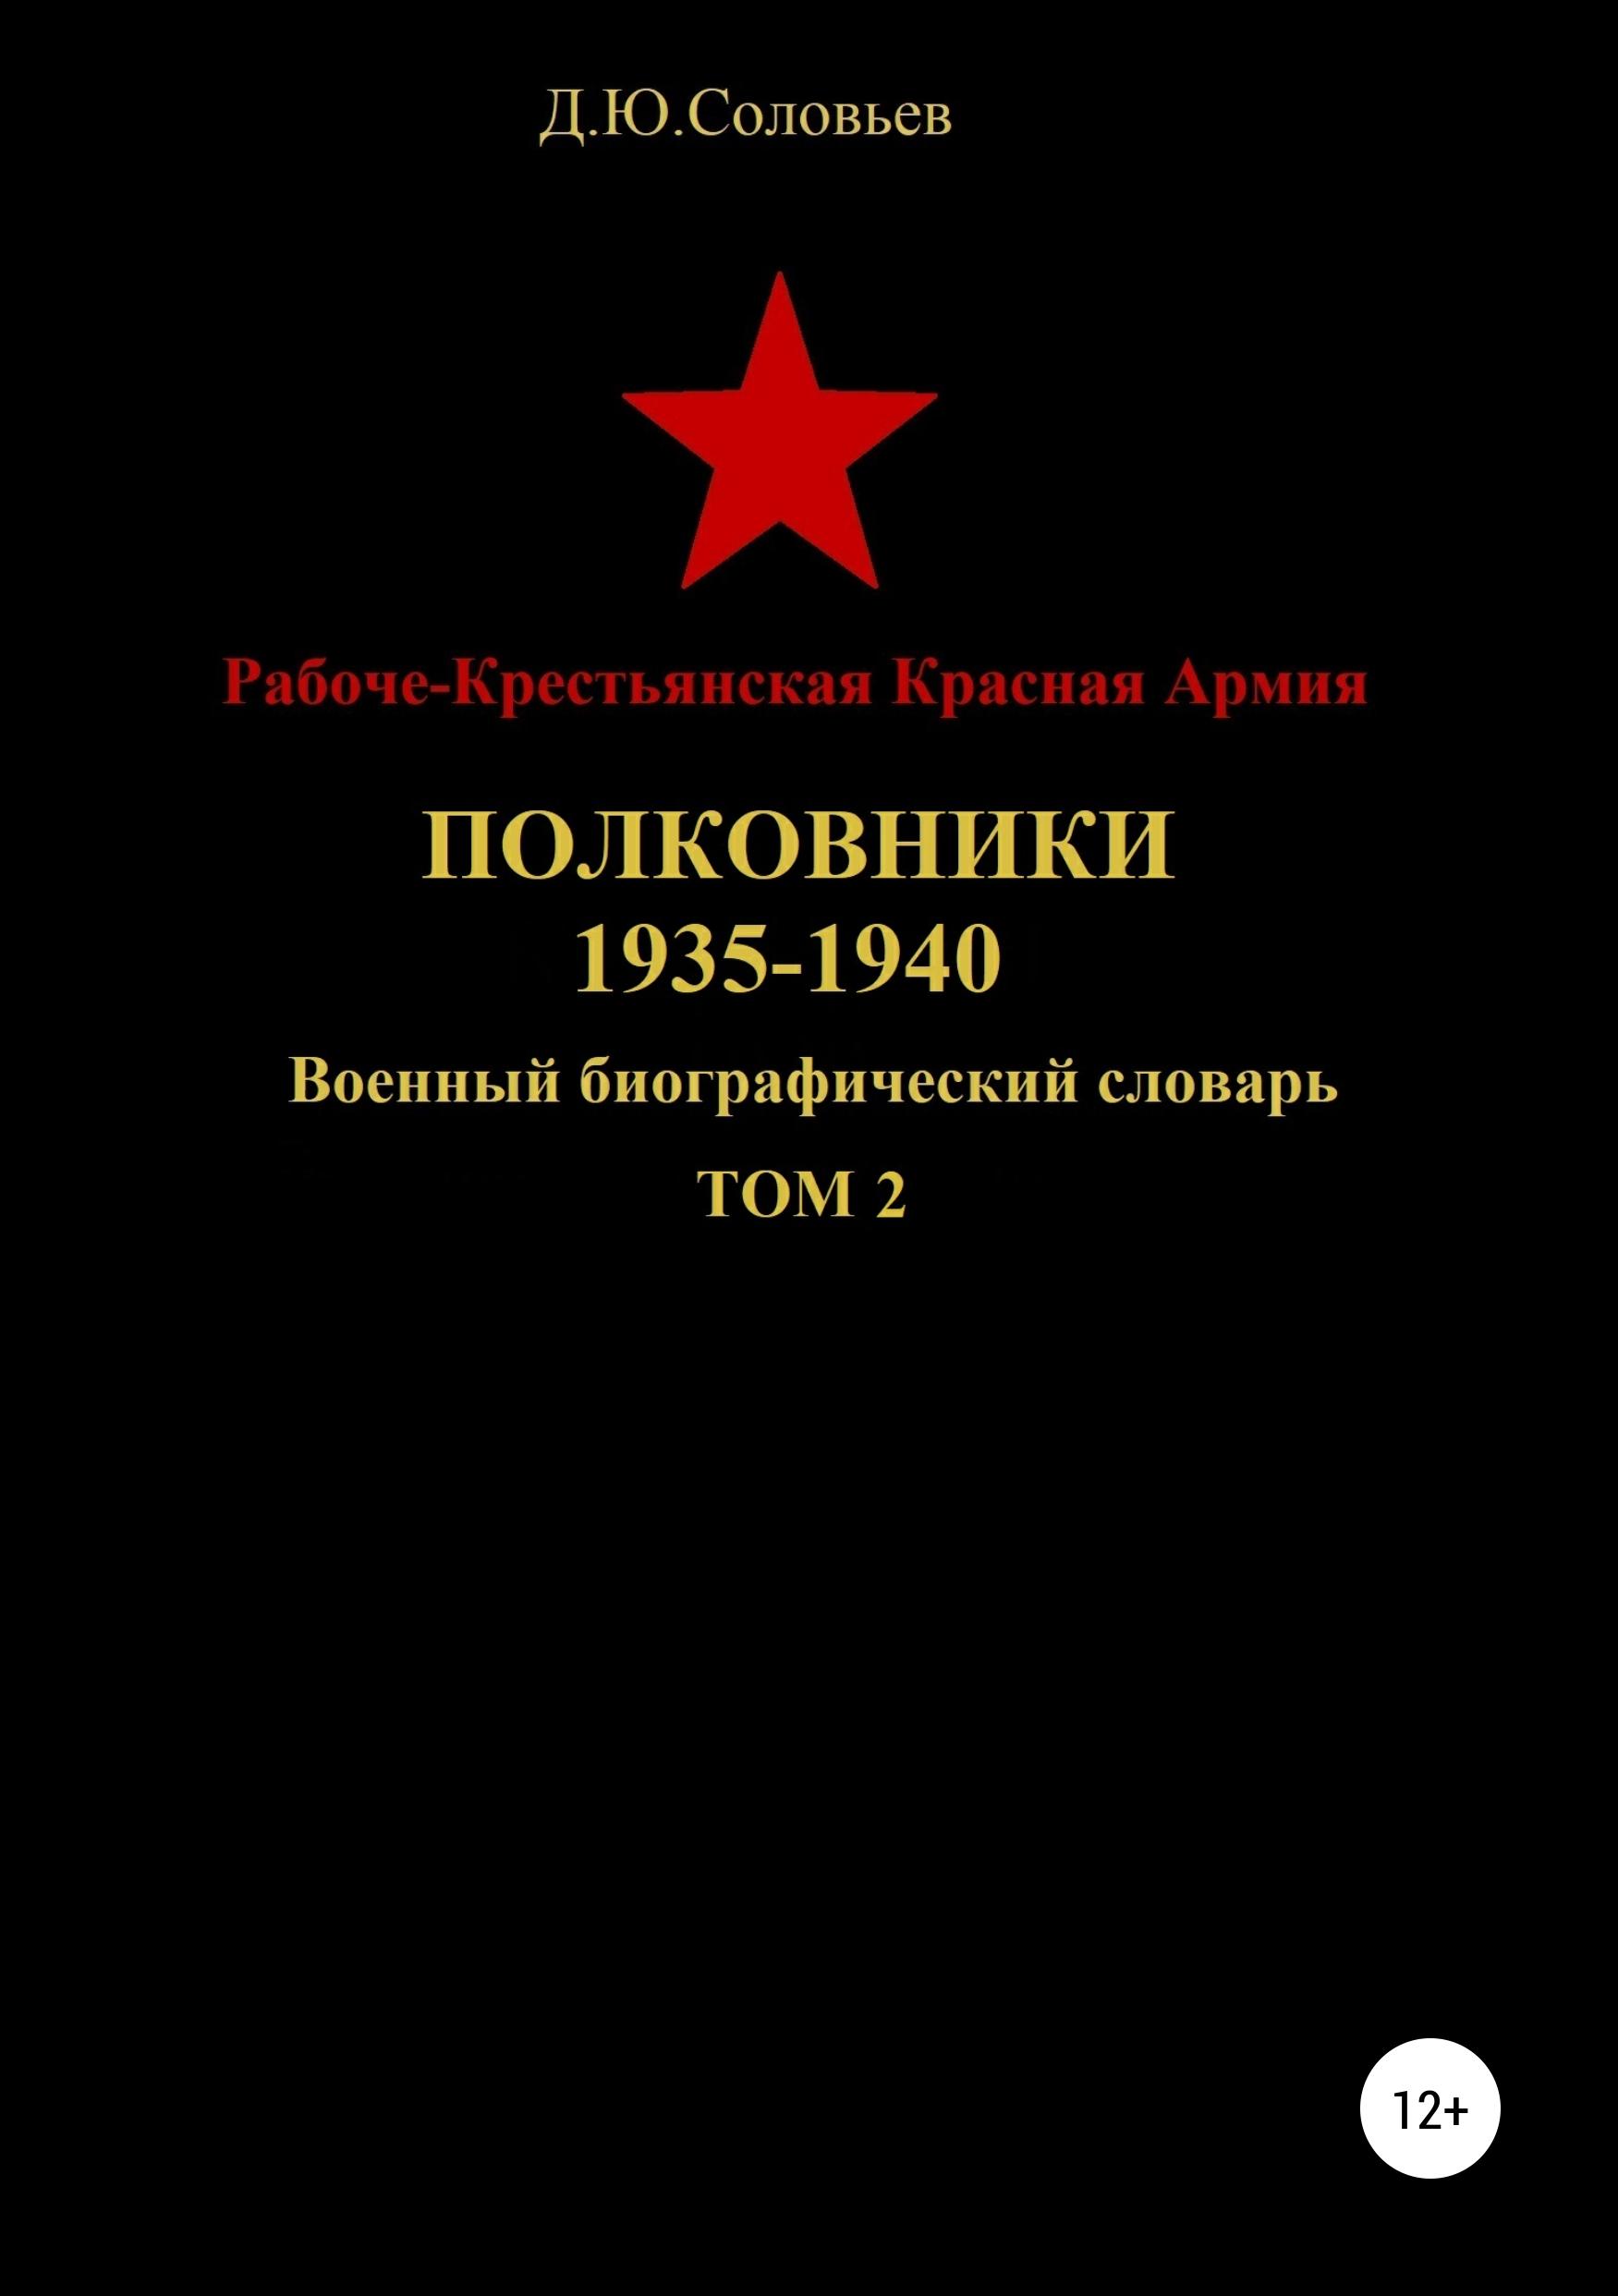 Рабоче-Крестьянская Красная Армия. Полковники. 1935-1940. Том 2